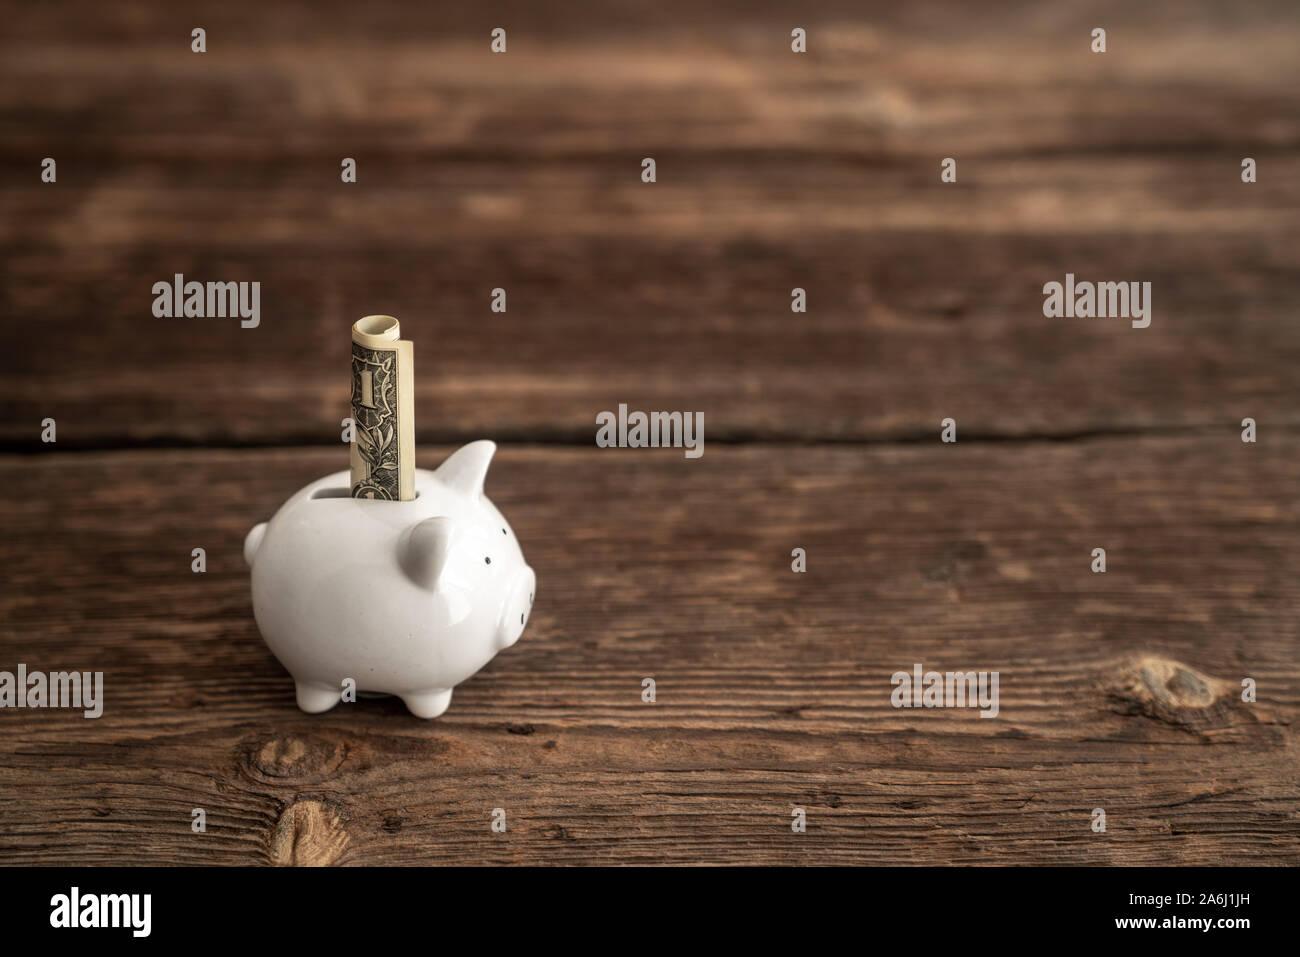 Sparen Sie Geld im Sparschwein, eine Metapher für die Wirtschaft. Stockfoto